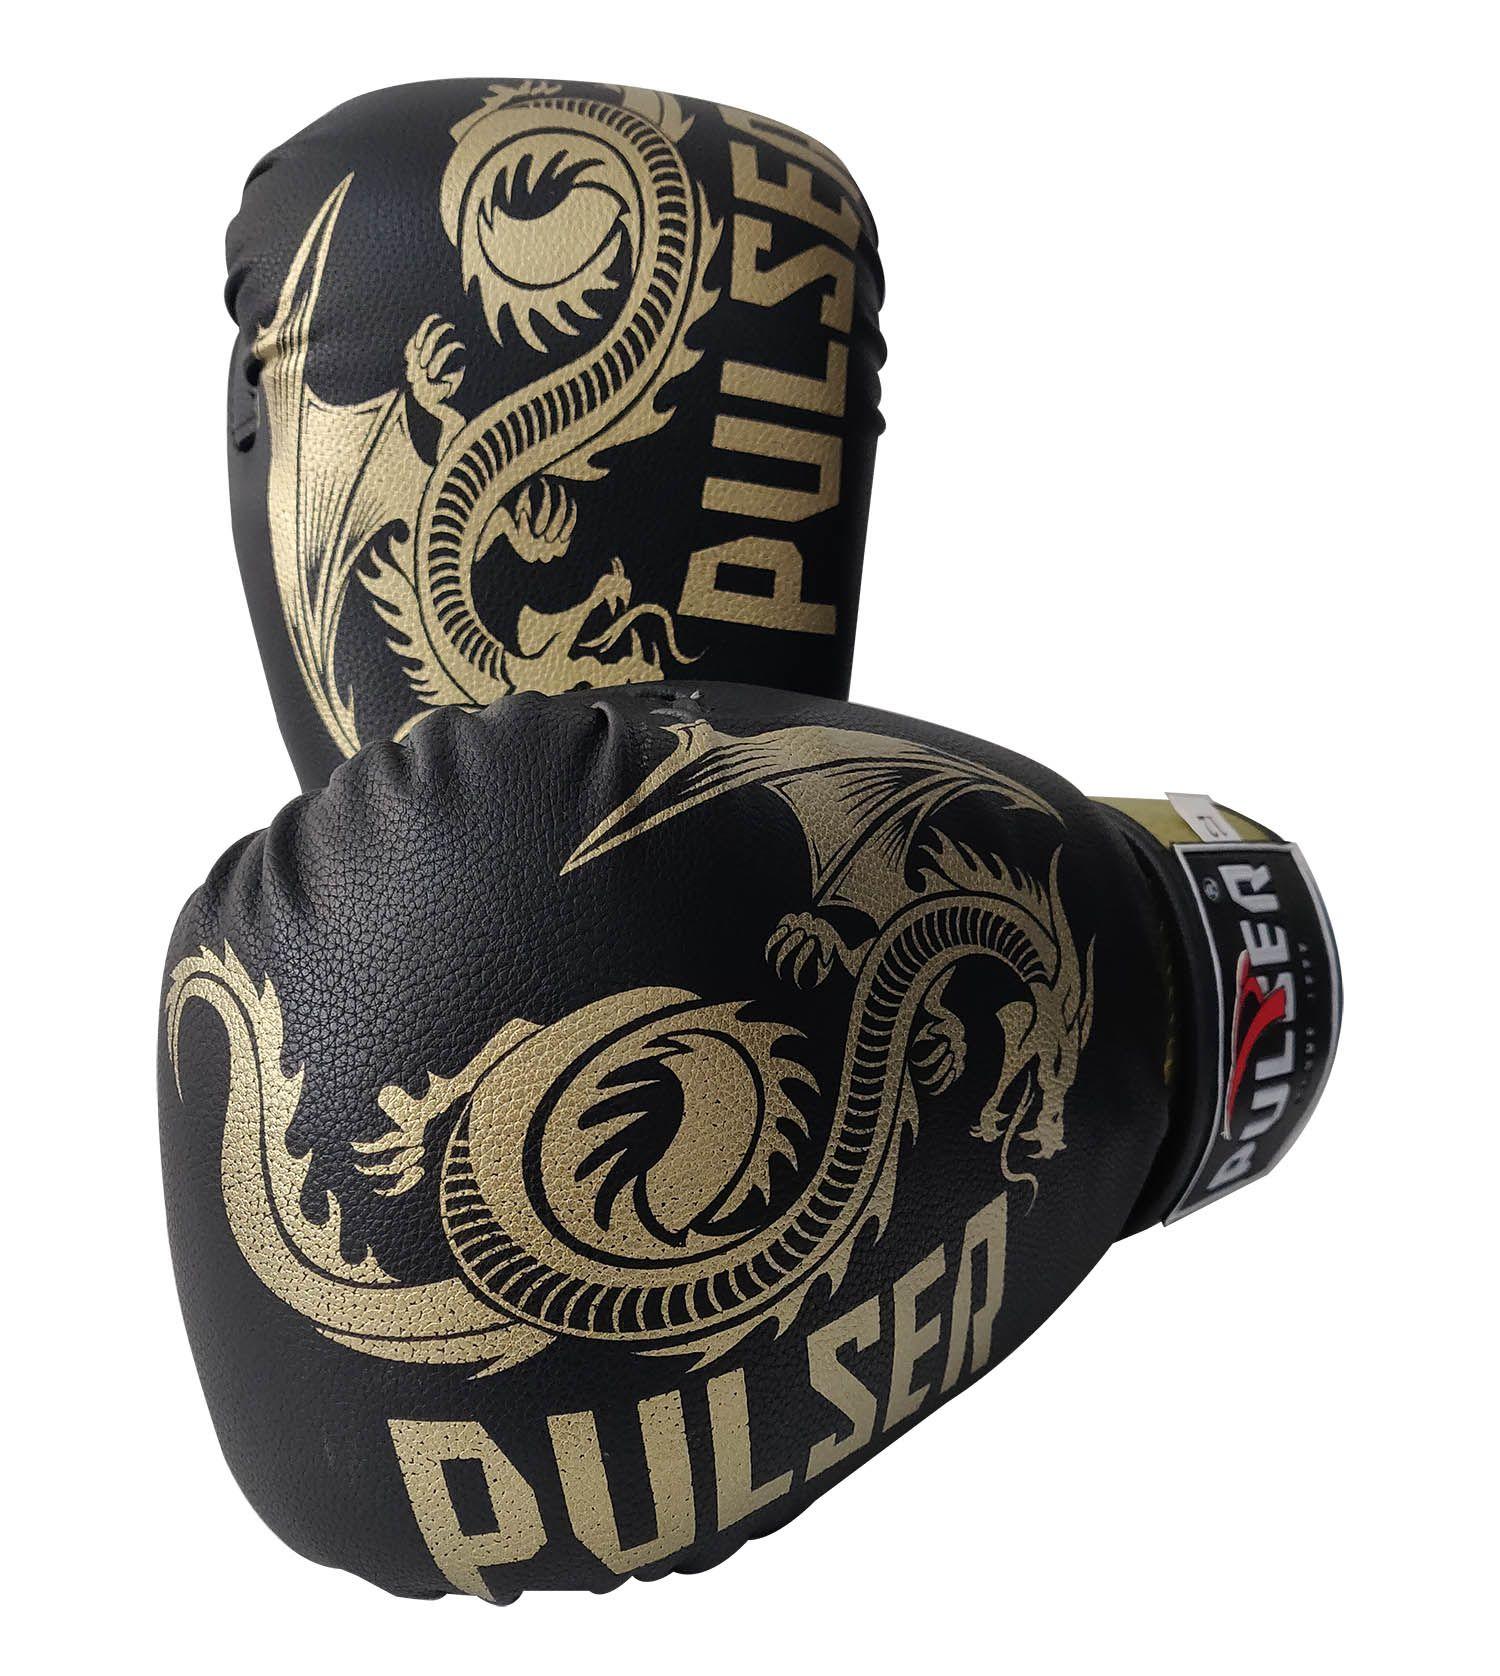 Kit de Muay Thai / Kickboxing 12oz - Dragão Preto e Dourado - Pulser  - PRALUTA SHOP